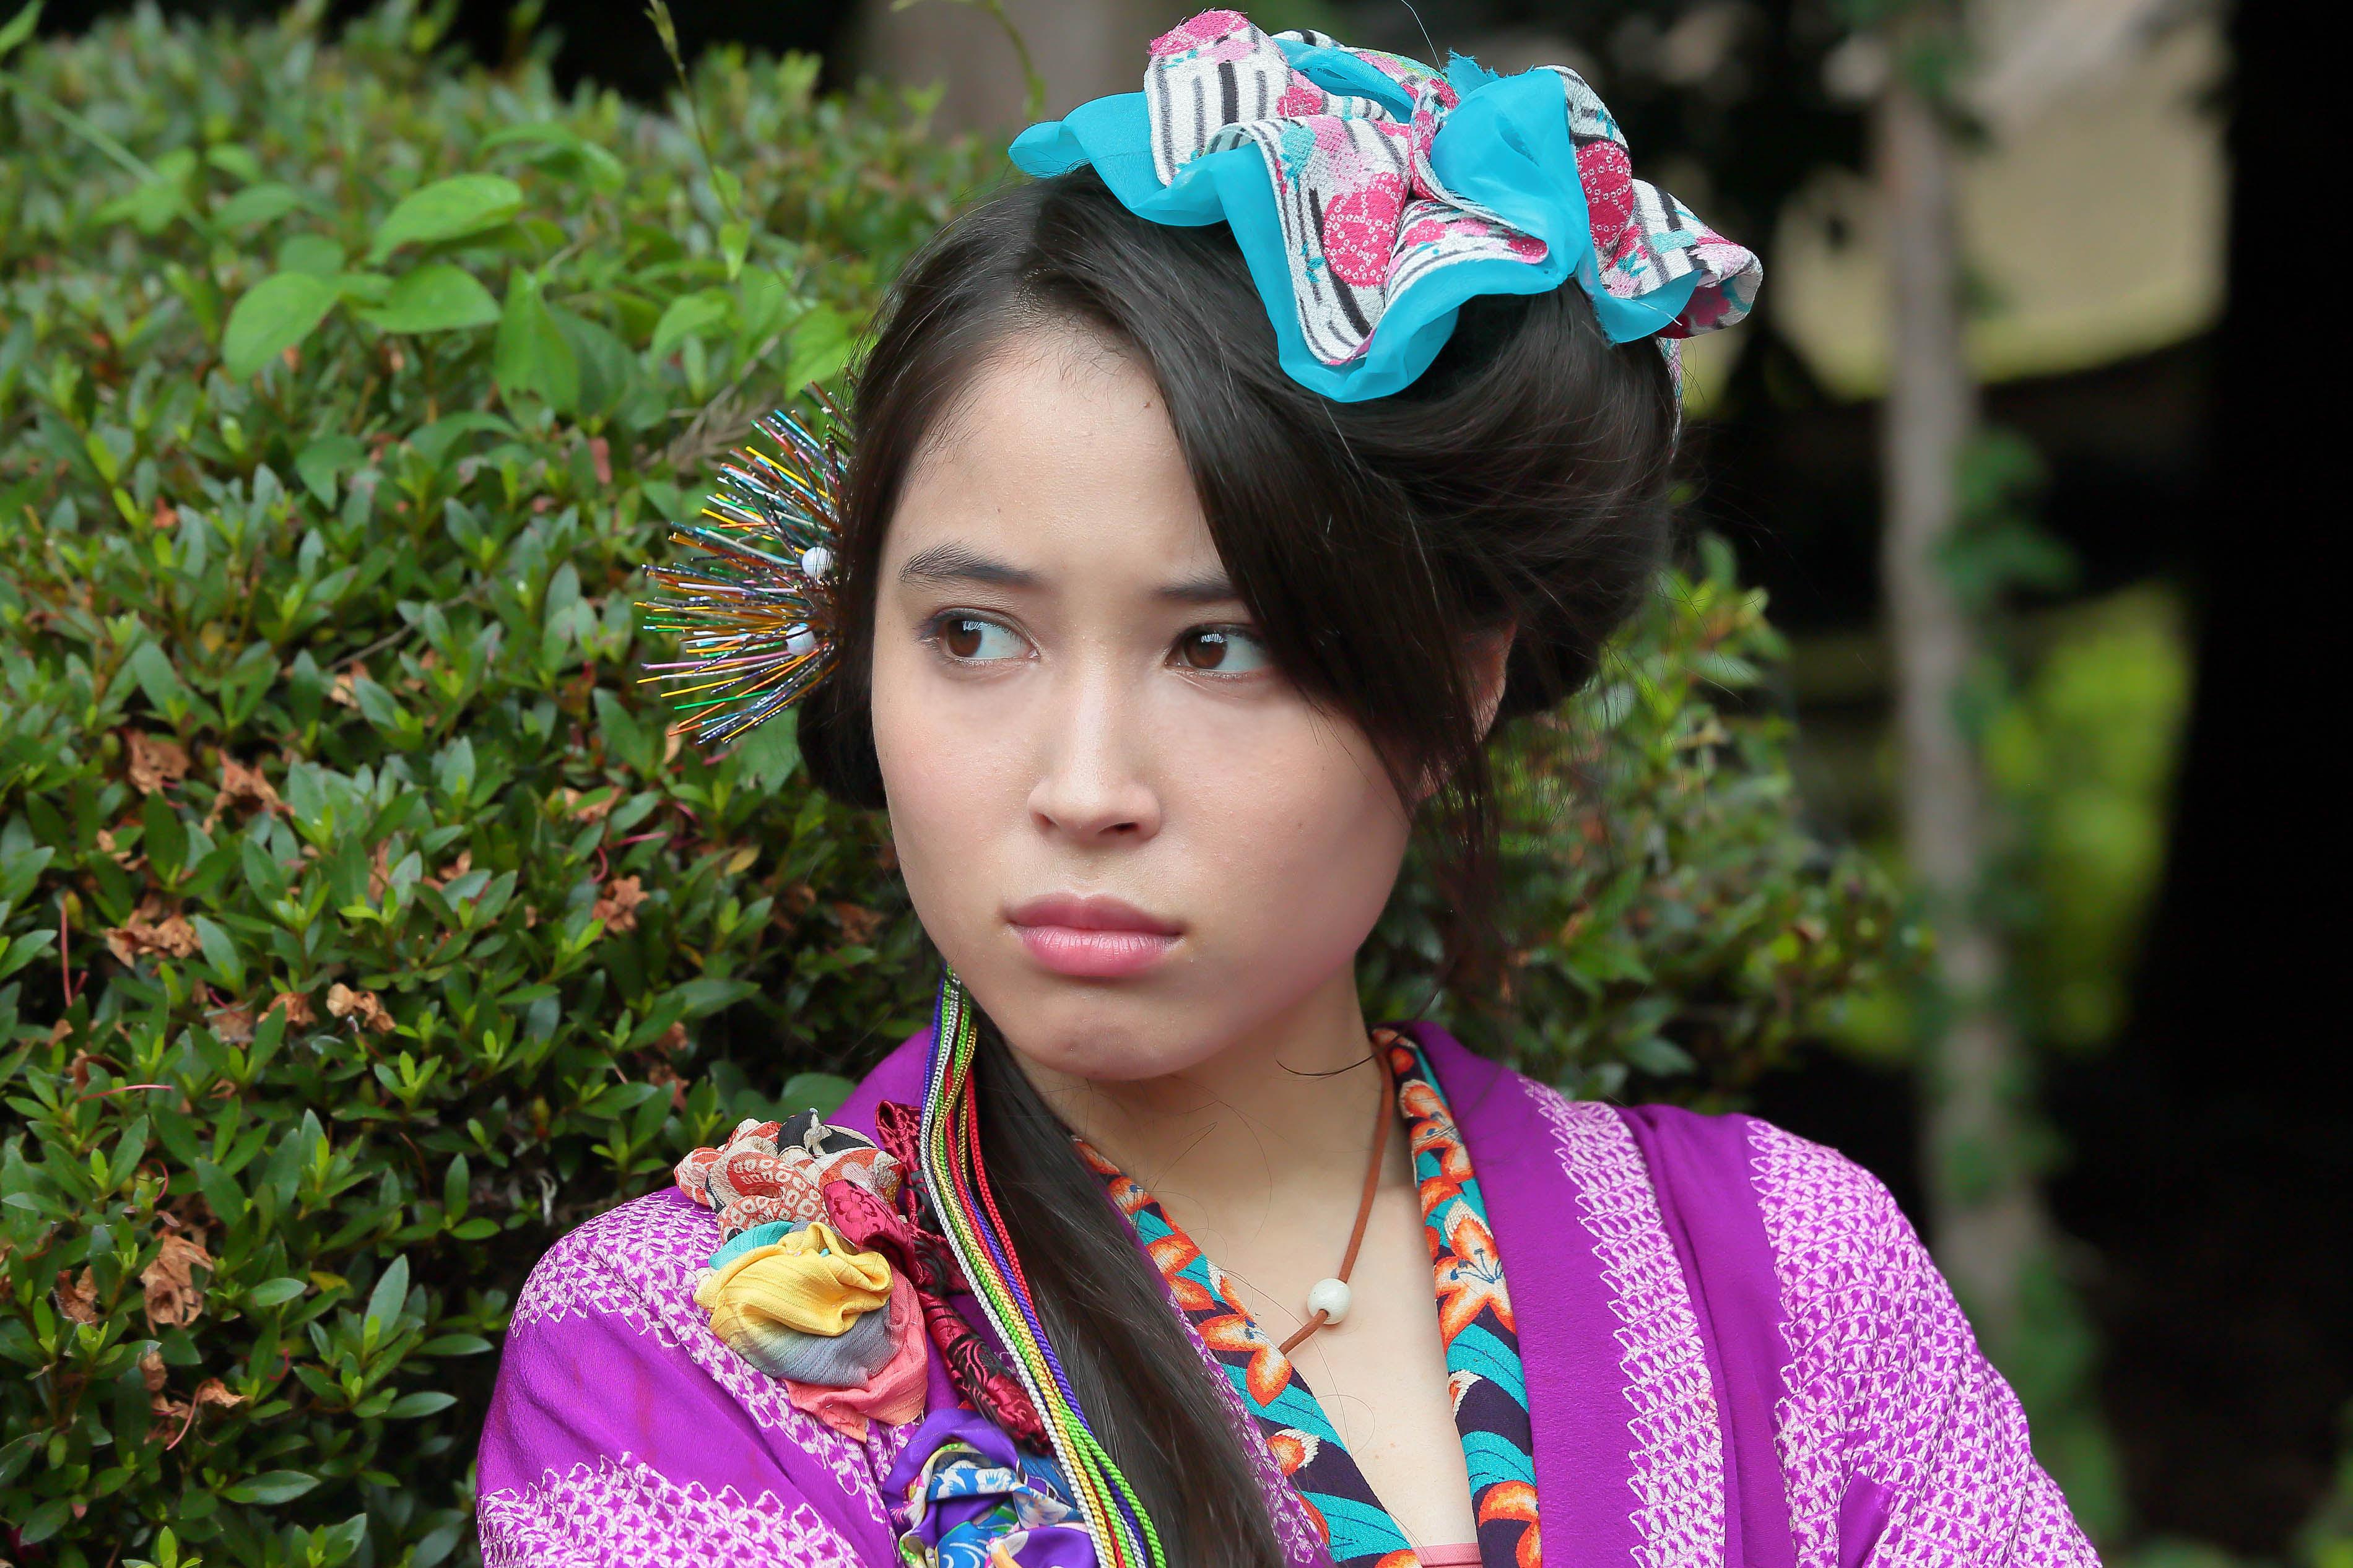 NHK連続テレビ小説「わろてんか」広瀬アリス演じる恋敵?リリコの登場にネットでは絶賛の声